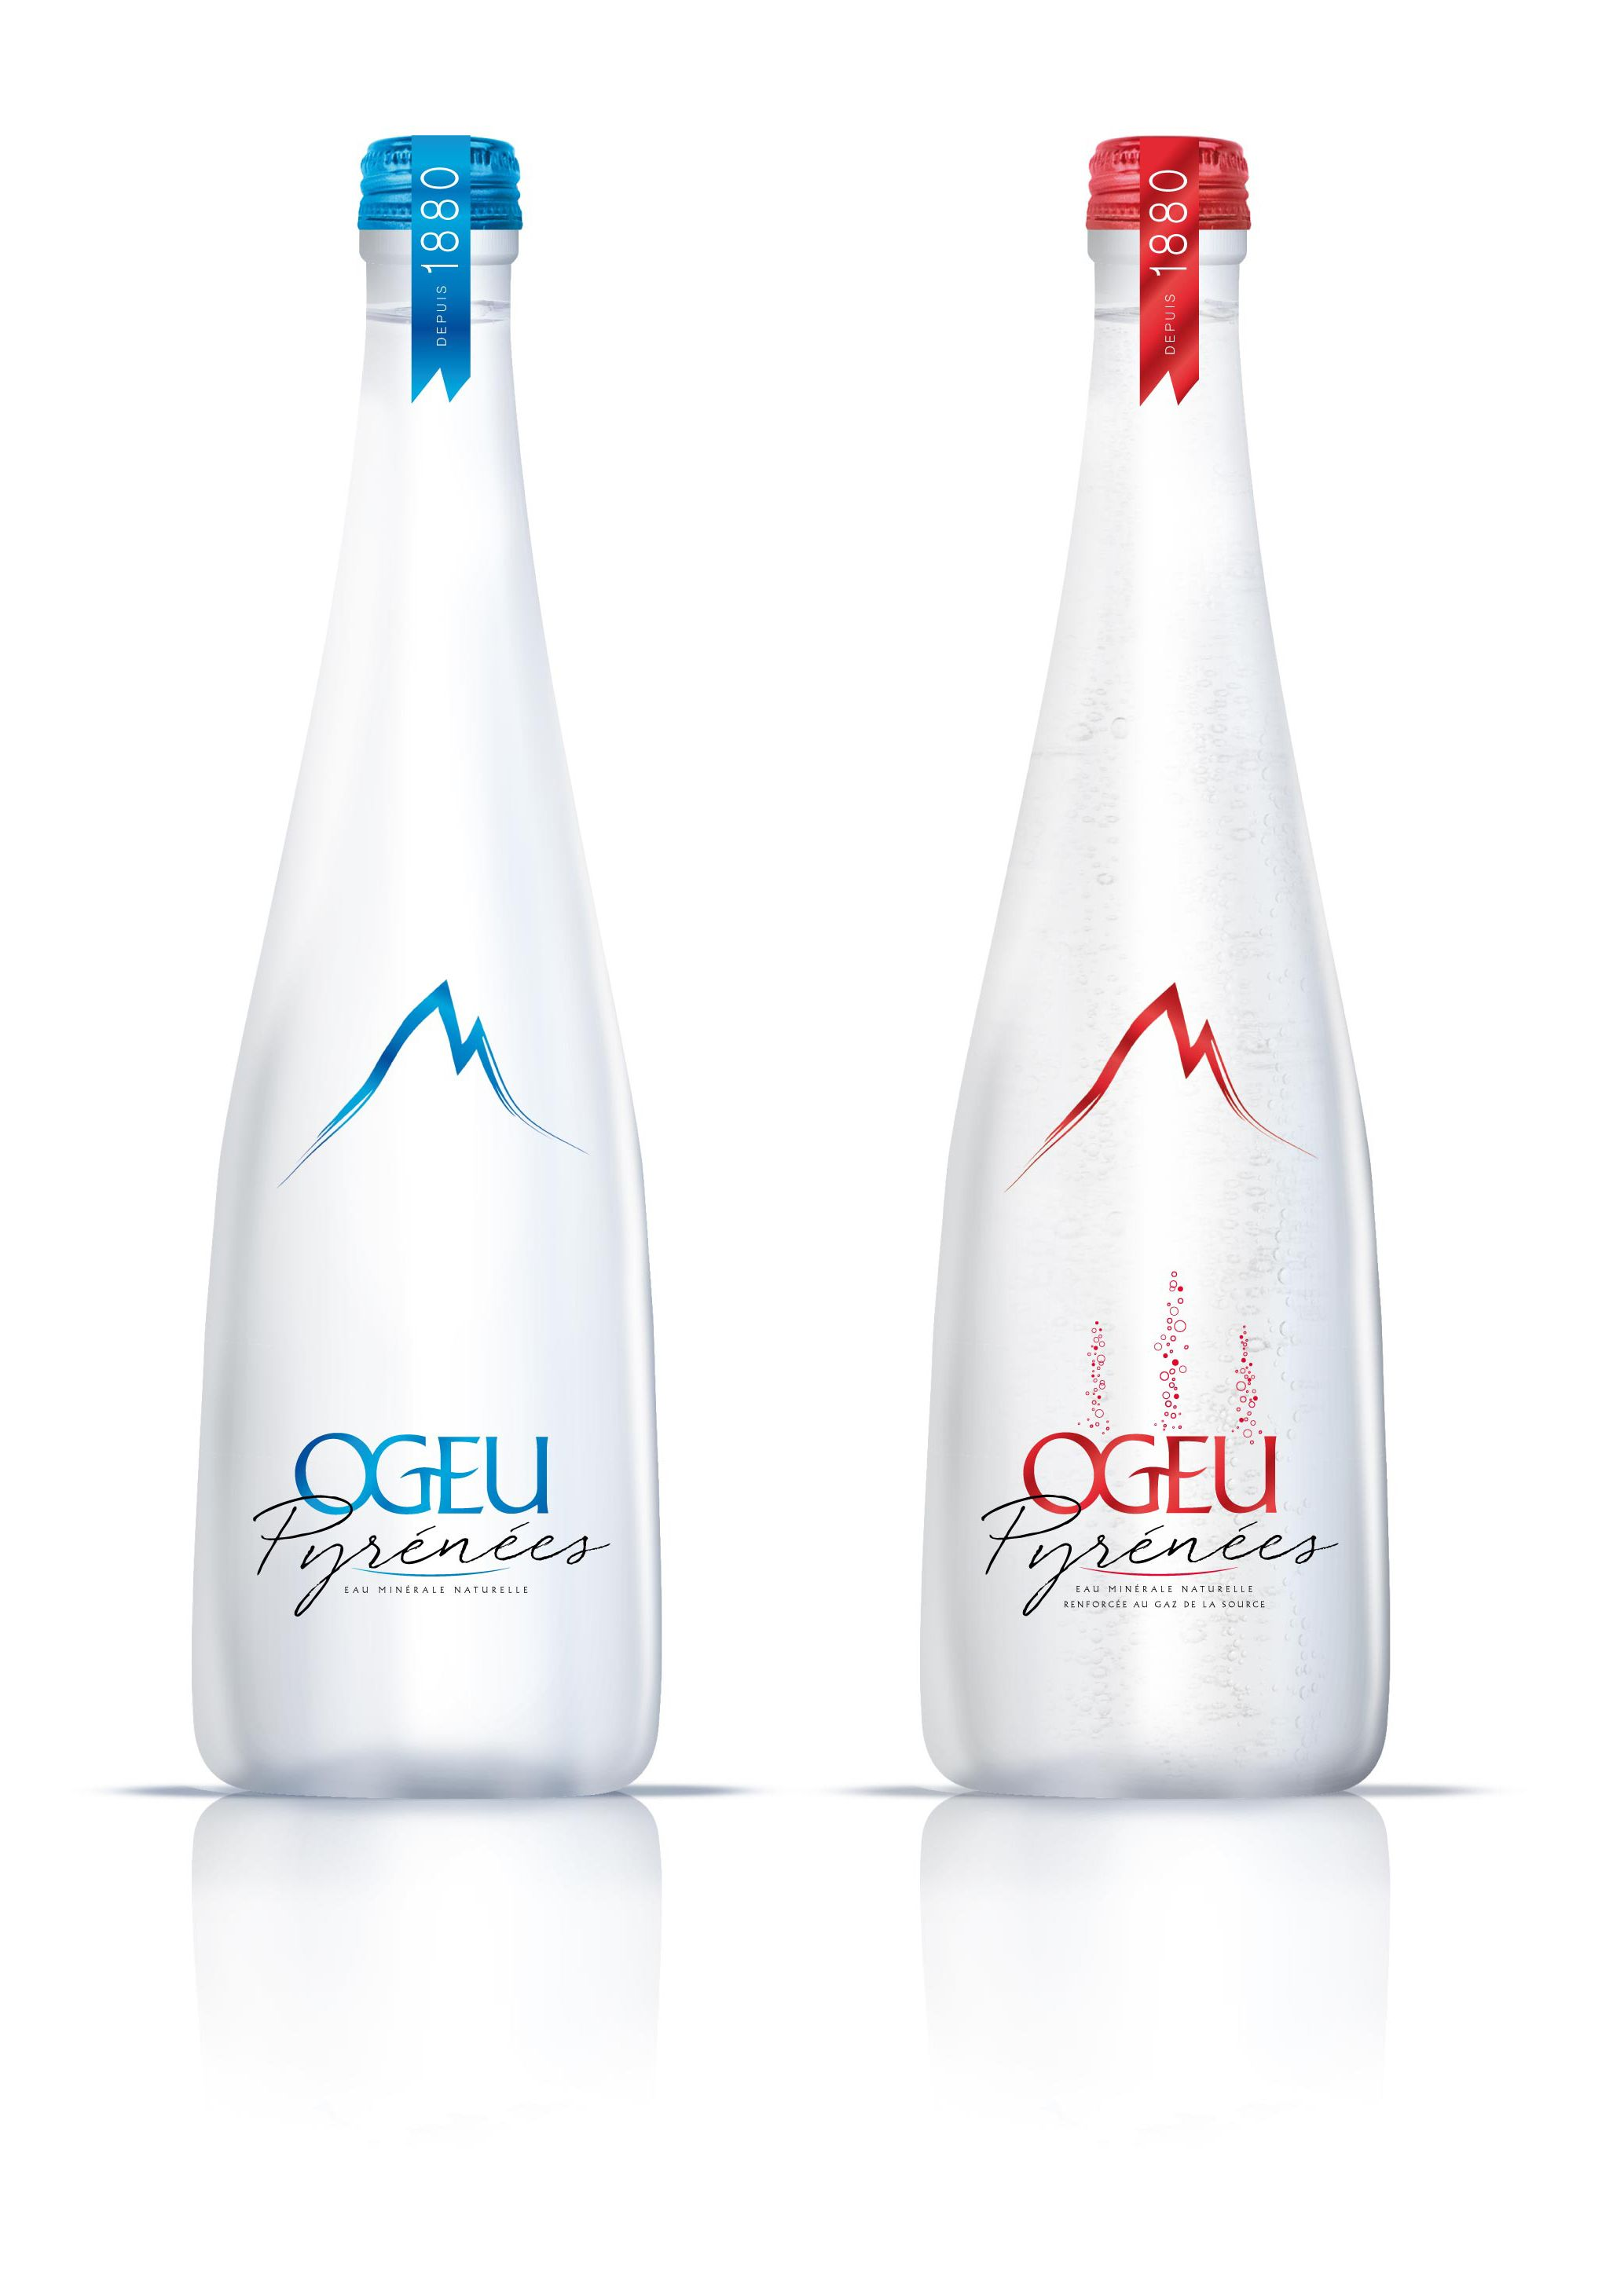 ogeu créé une bouteille verre pour être proposée aux tables des plus